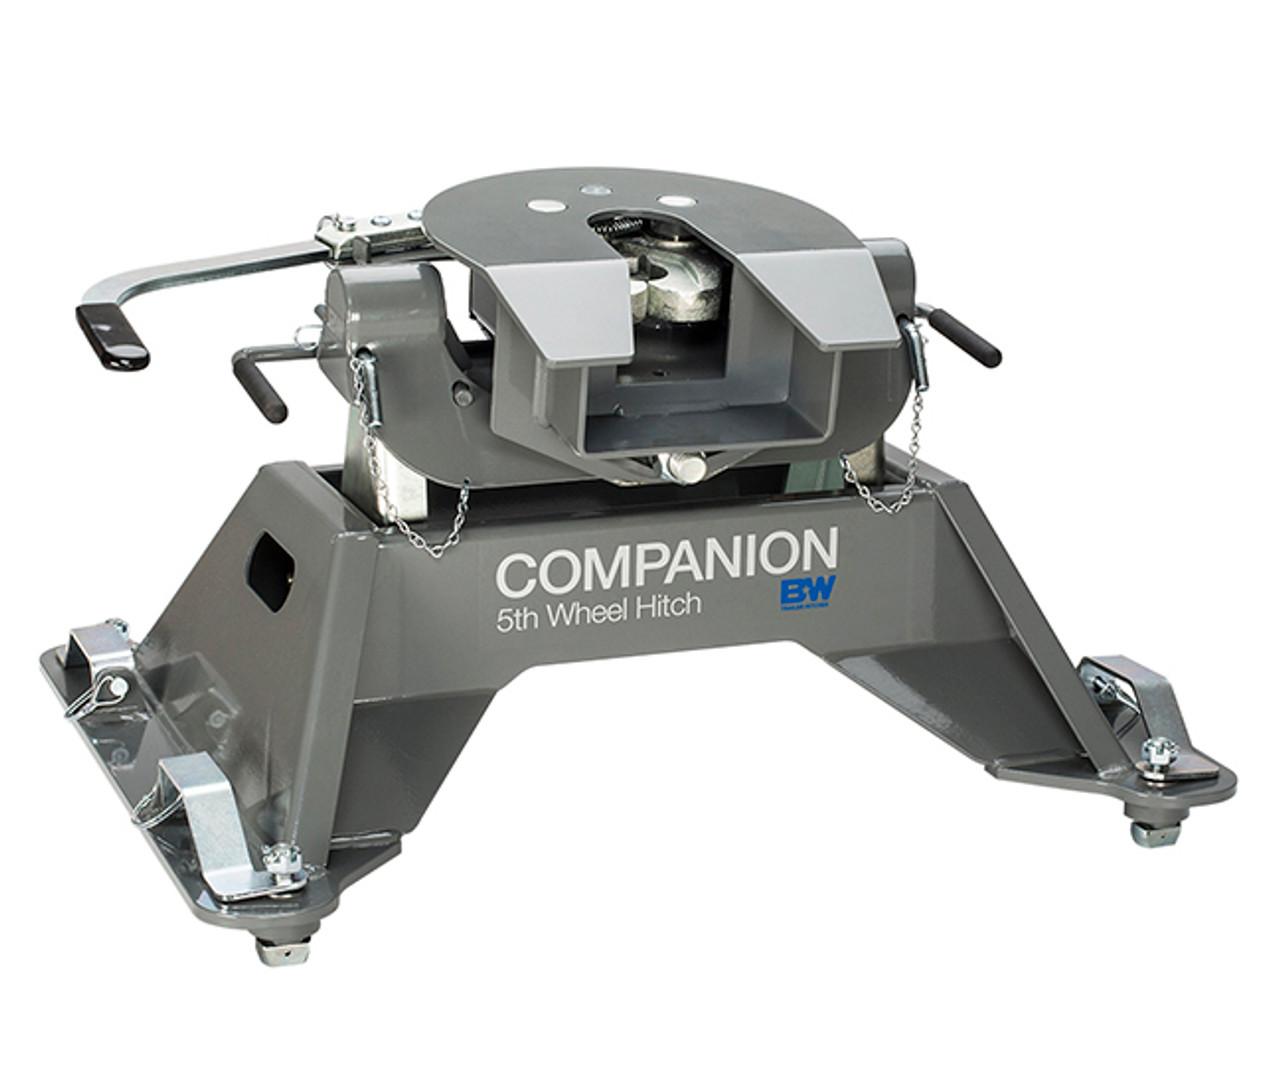 bw3715 b w companion oem 2020 chevy 5th wheel rv hitch 25k bw3715 b w companion oem 2020 chevy 5th wheel rv hitch 25k